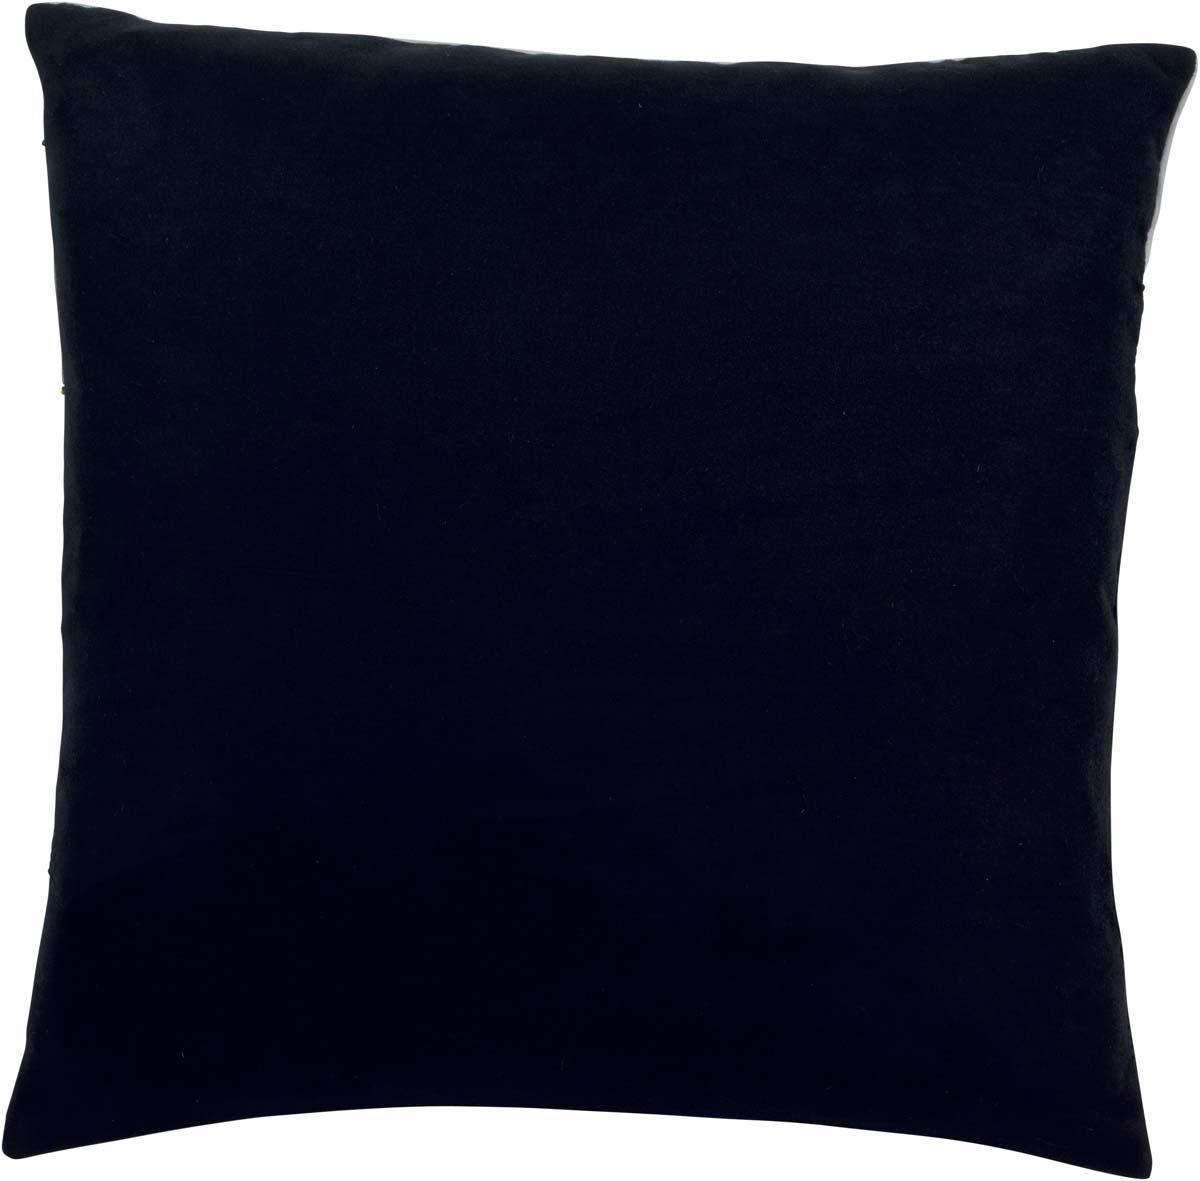 MARJON - Sierkussen zwart wit goud 50x50 cm